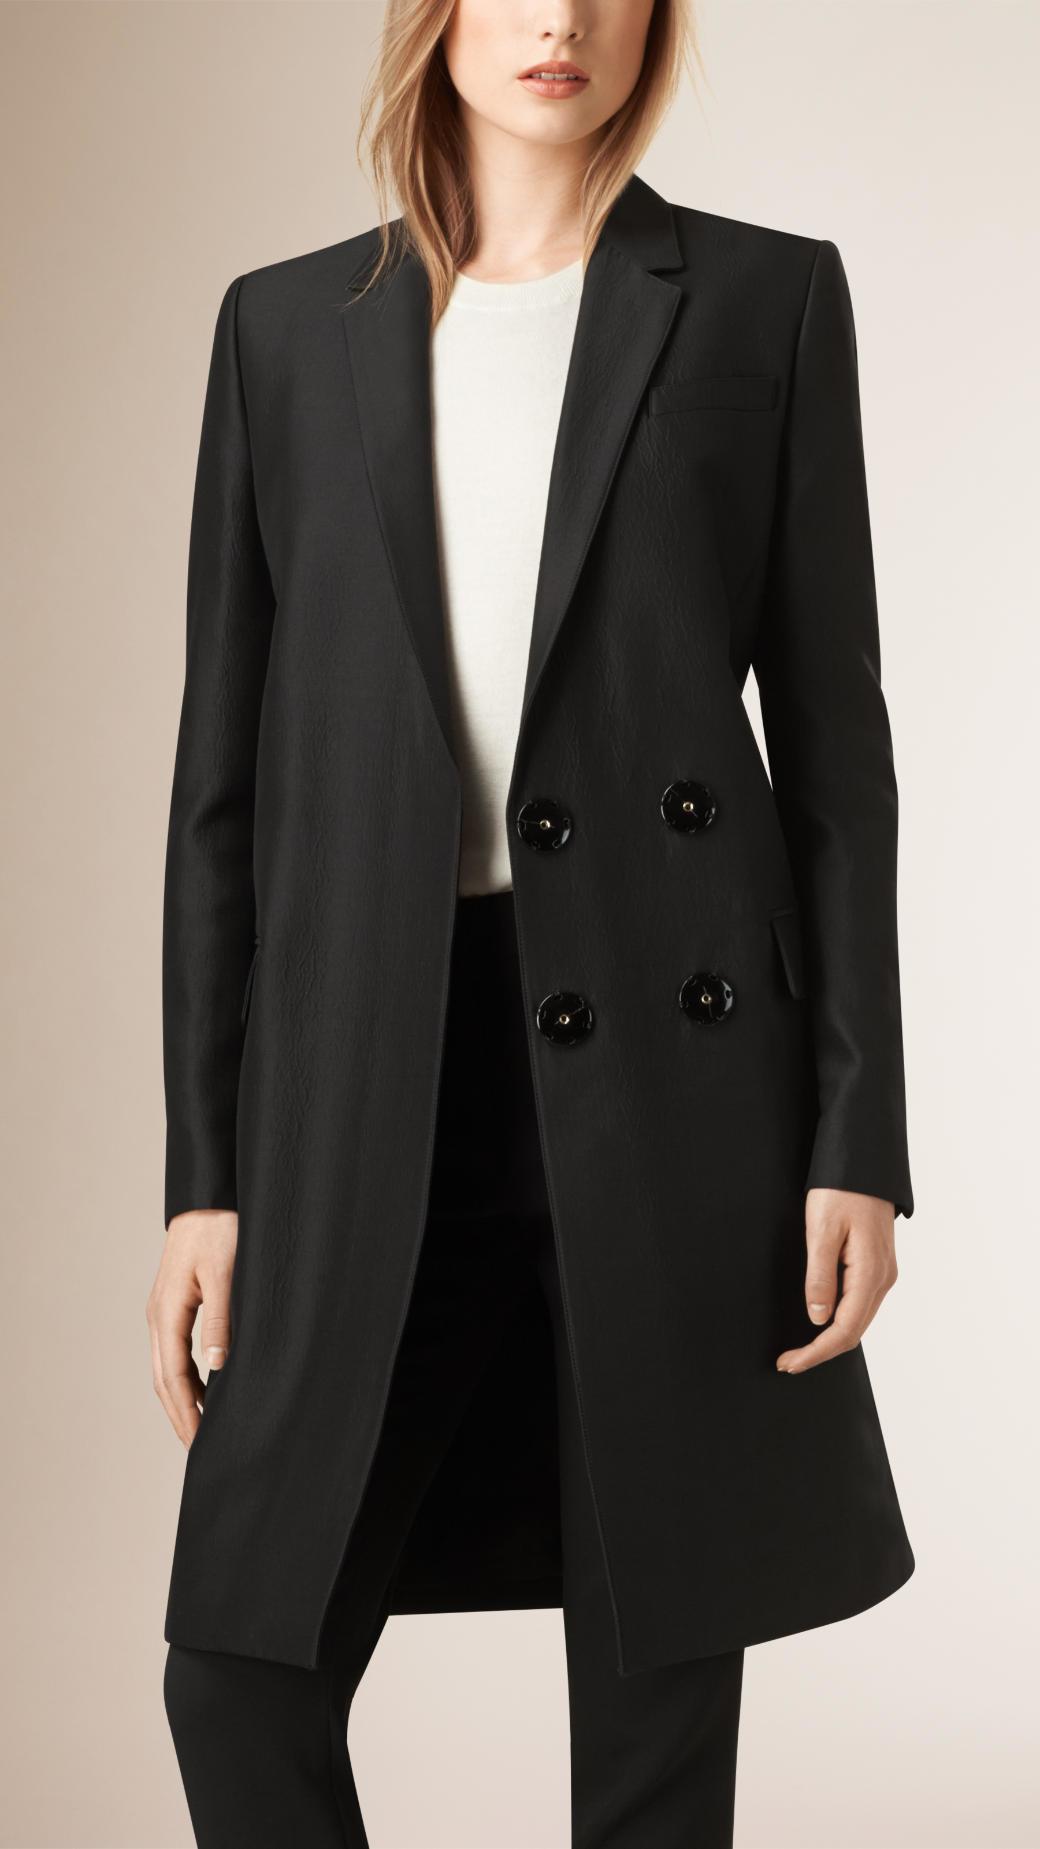 Burberry Oversized Wool-Silk Blazer Coat in Black | Lyst